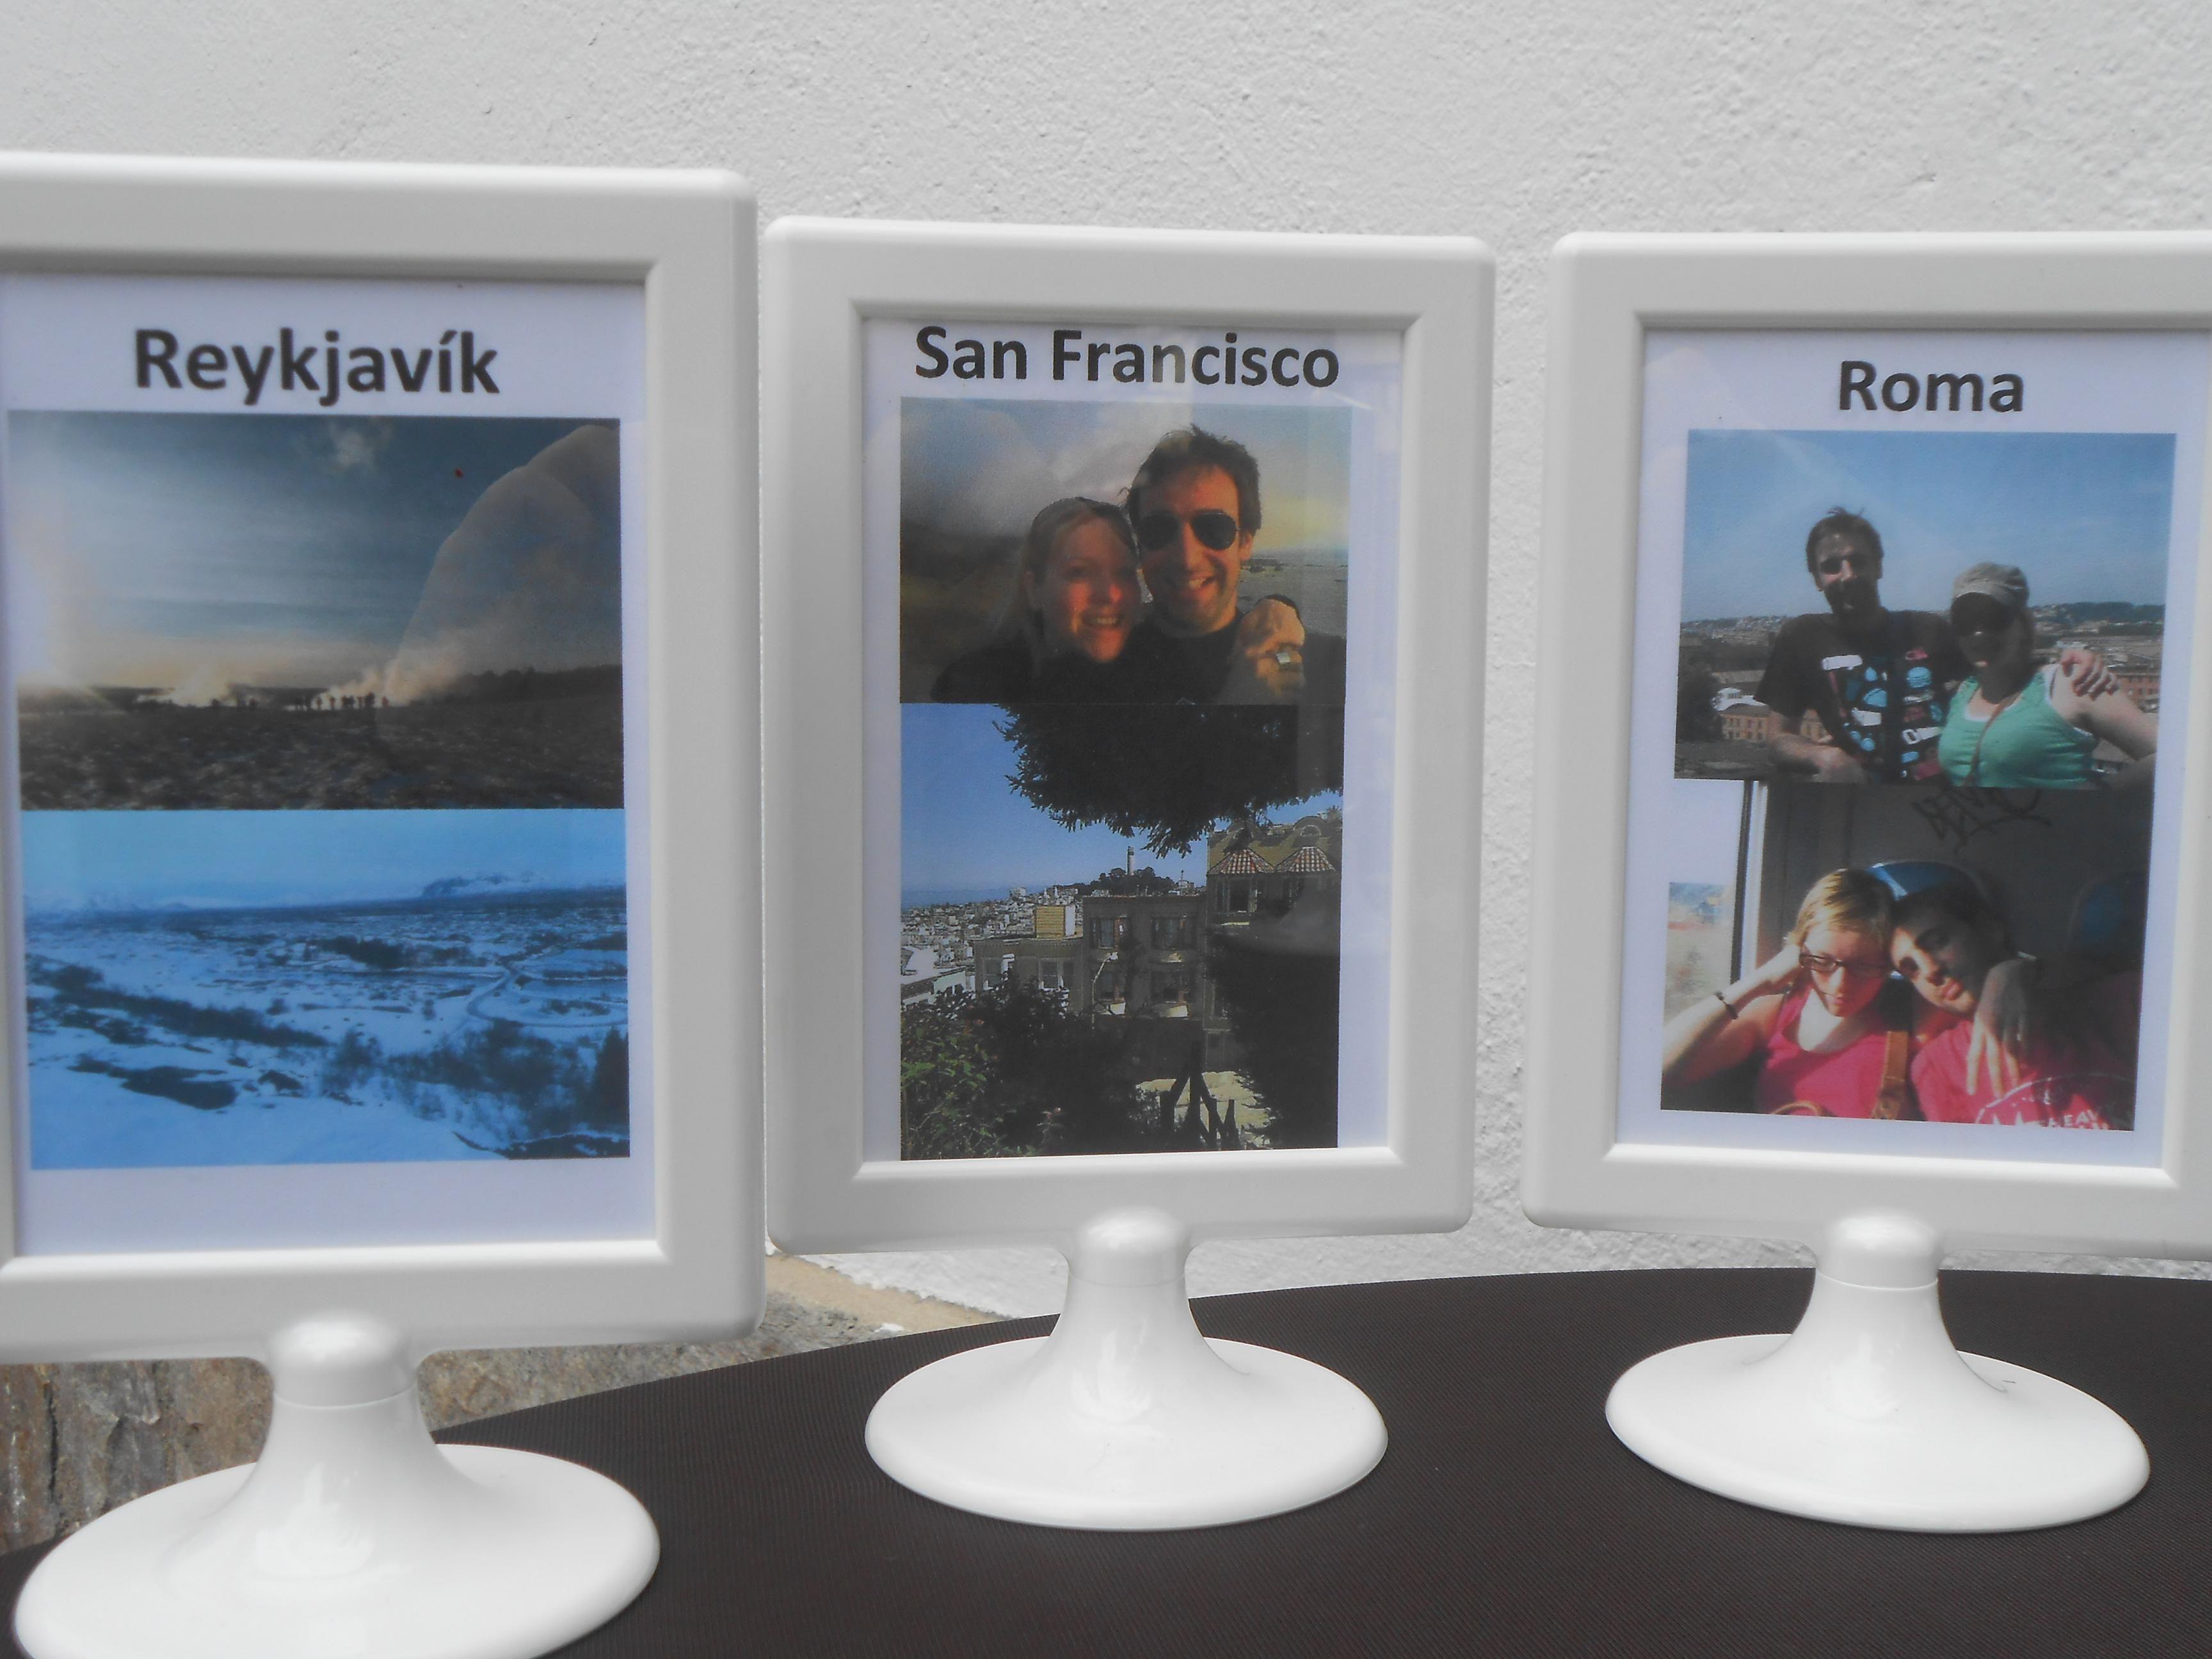 Senyalitzadors temàtic de ciutats. www.eventosycompromiso.com